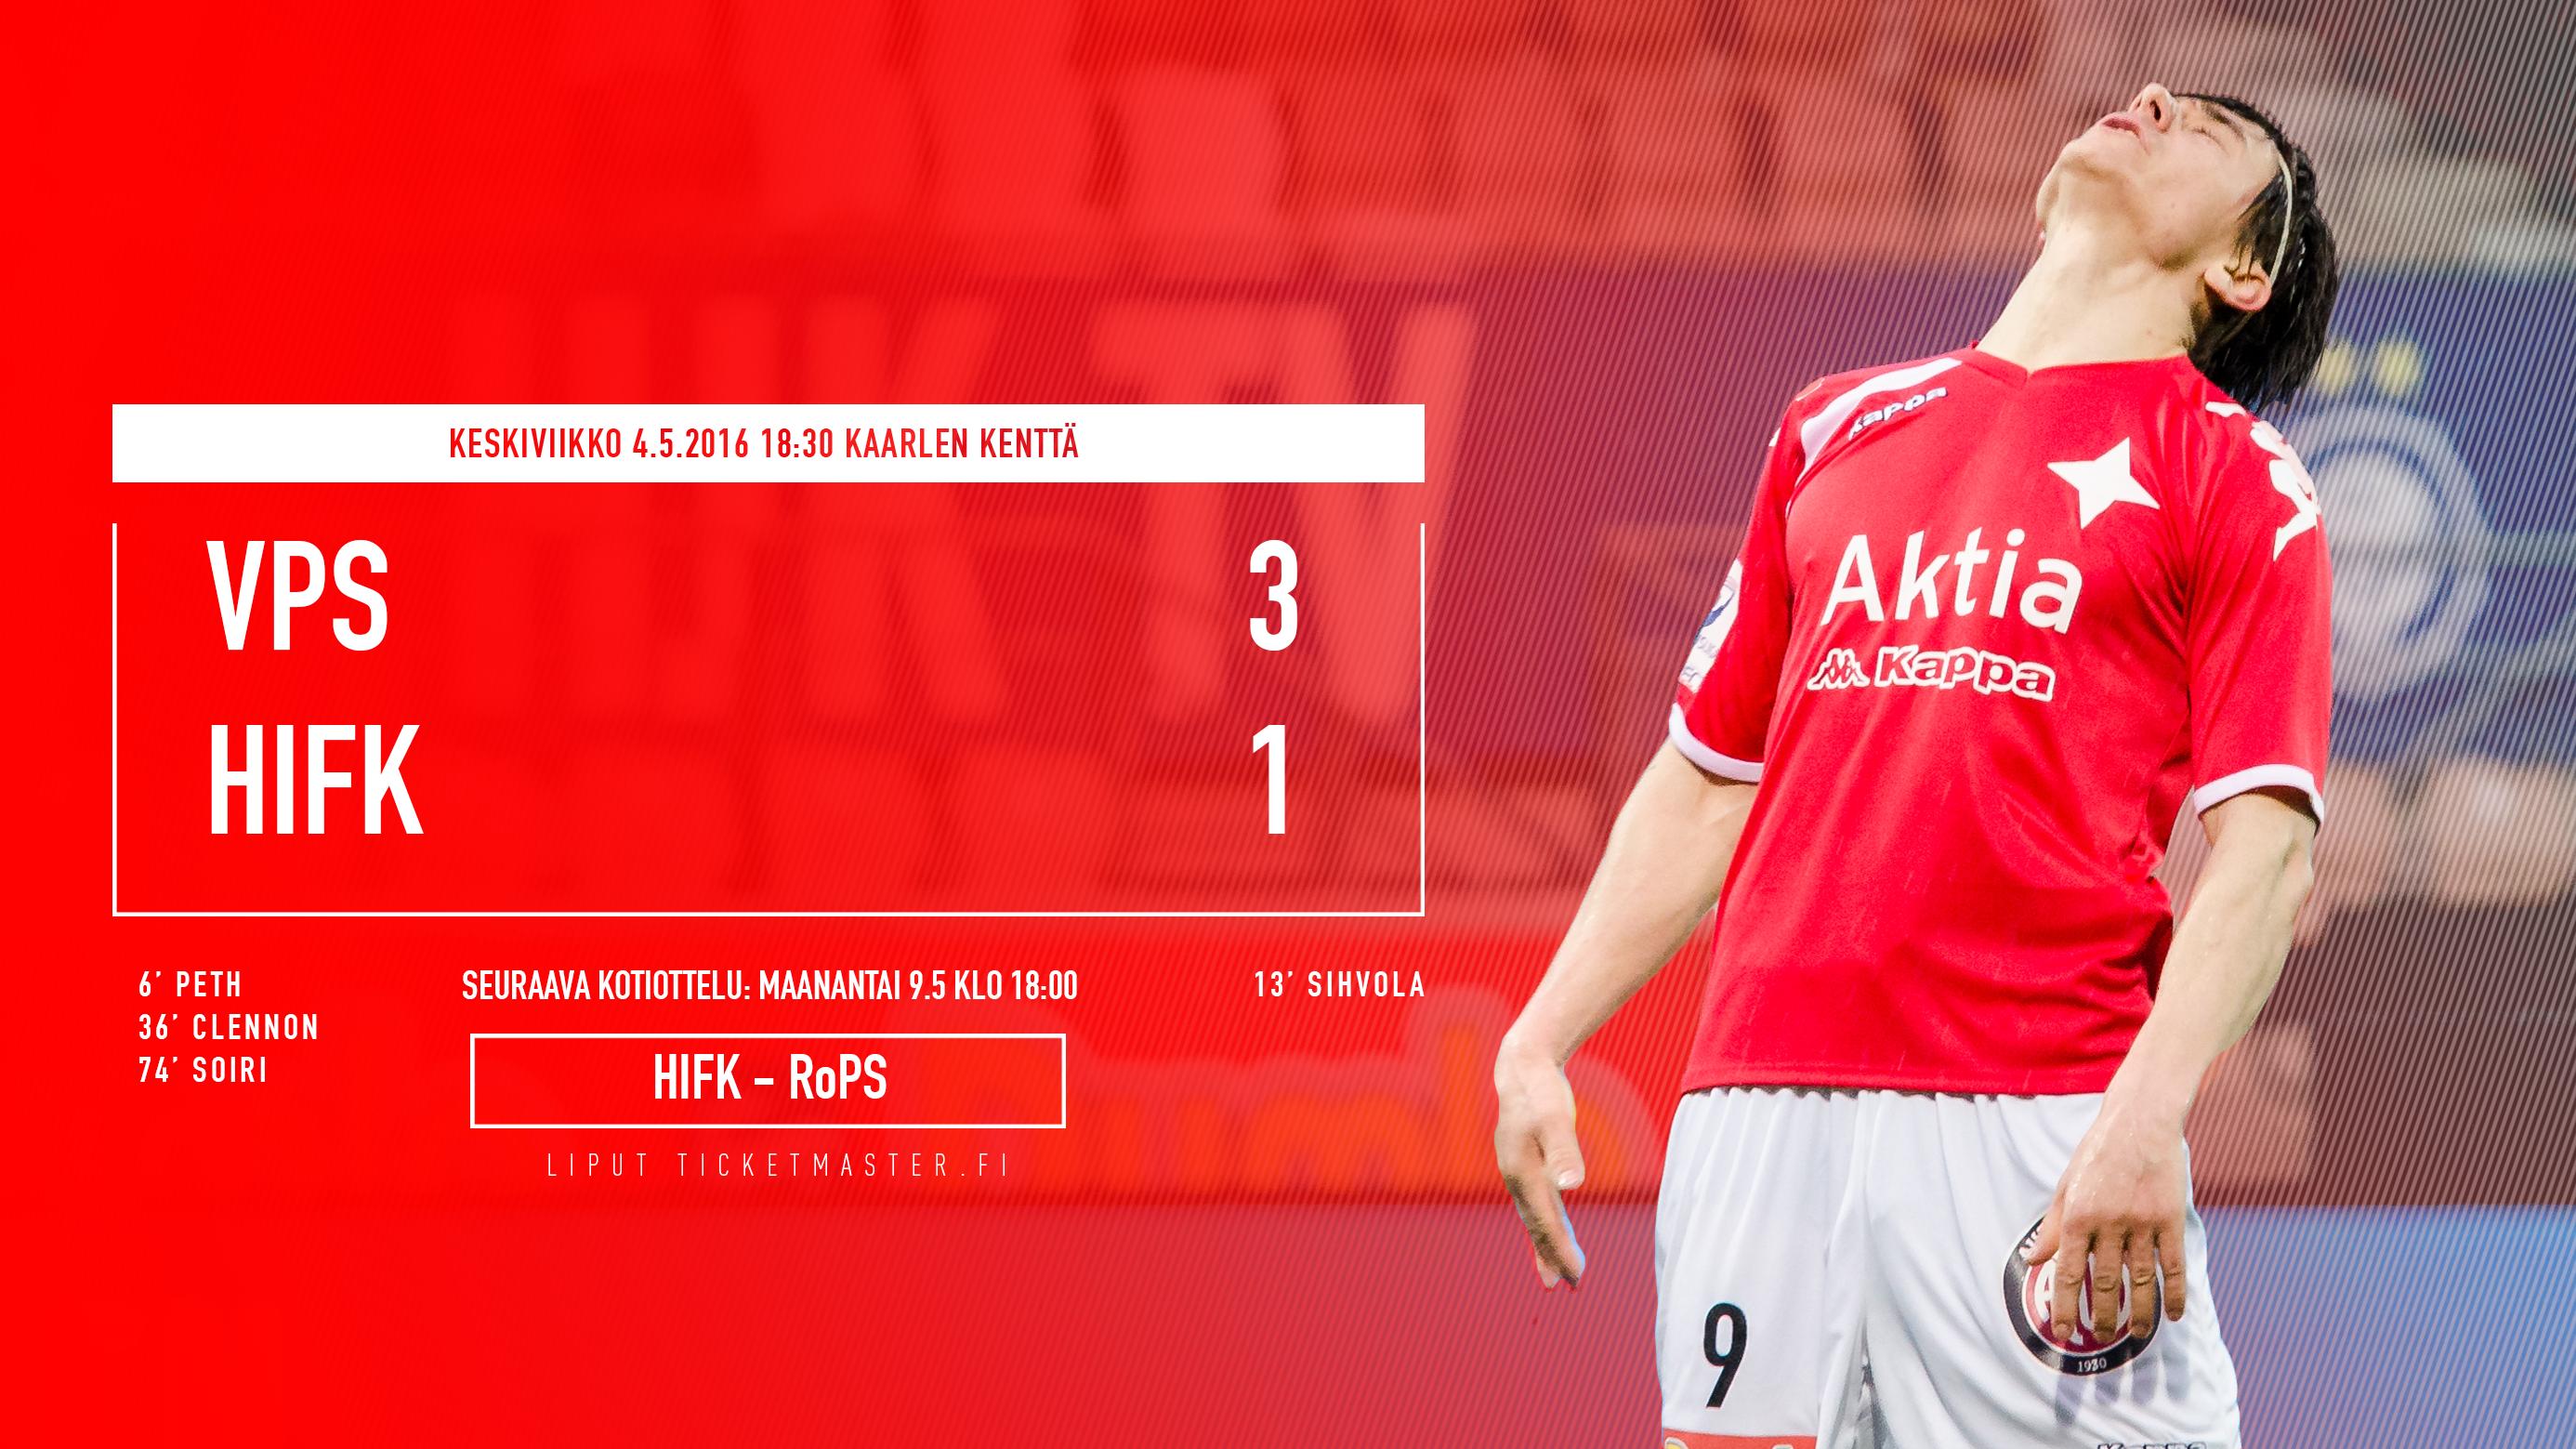 VPS voitti vaisusti esiintyneen HIFK:n – MeMyymmeKotisi.fi otteluraportti